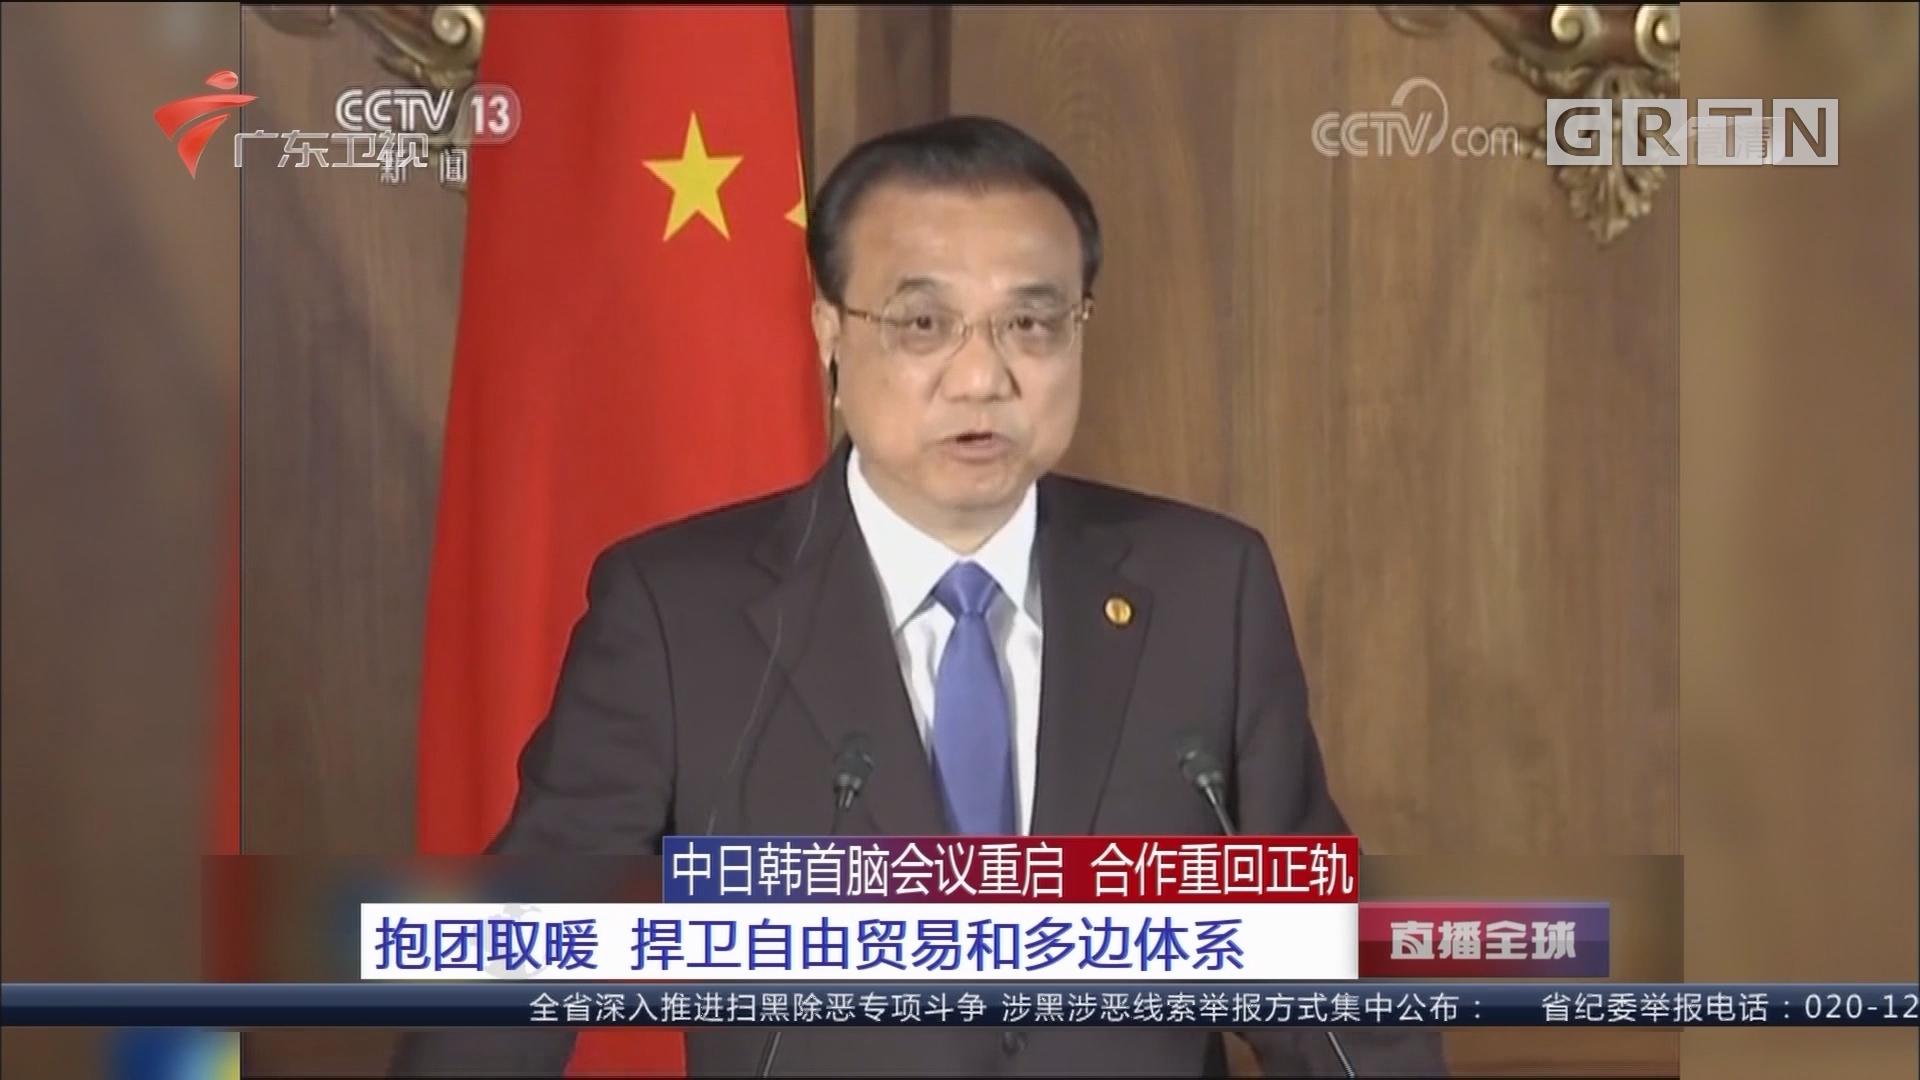 中日韩首脑会议重启 合作重回正轨 抱团取暖 捍卫自由贸易和多边体系